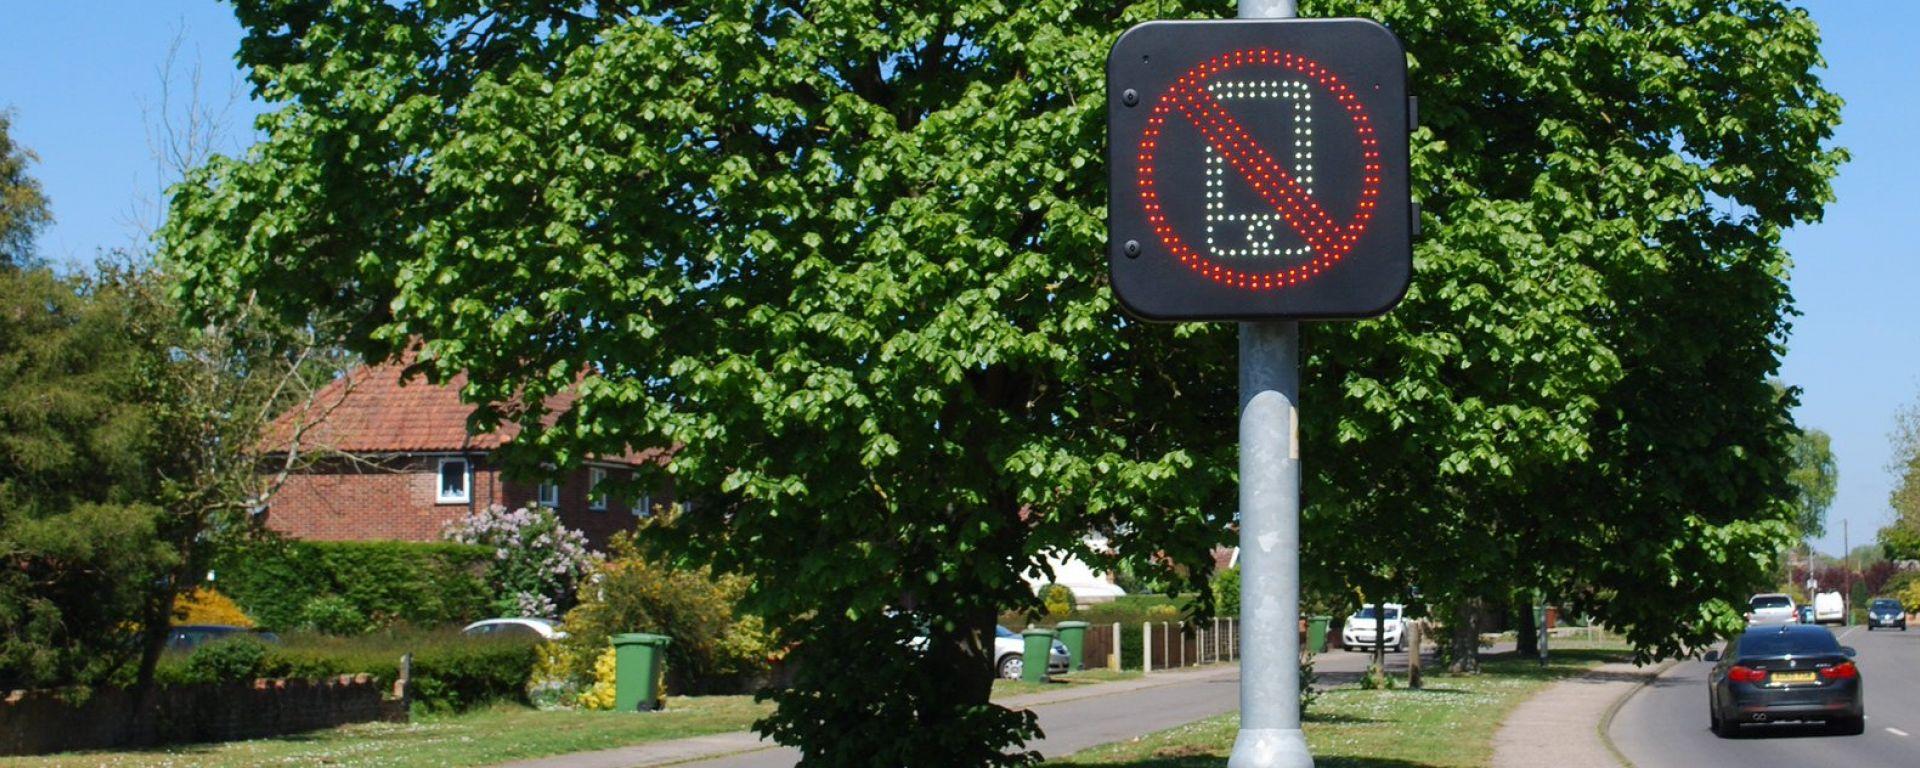 Cellulare alla guida, in UK al via il sistema di rilevazione radio